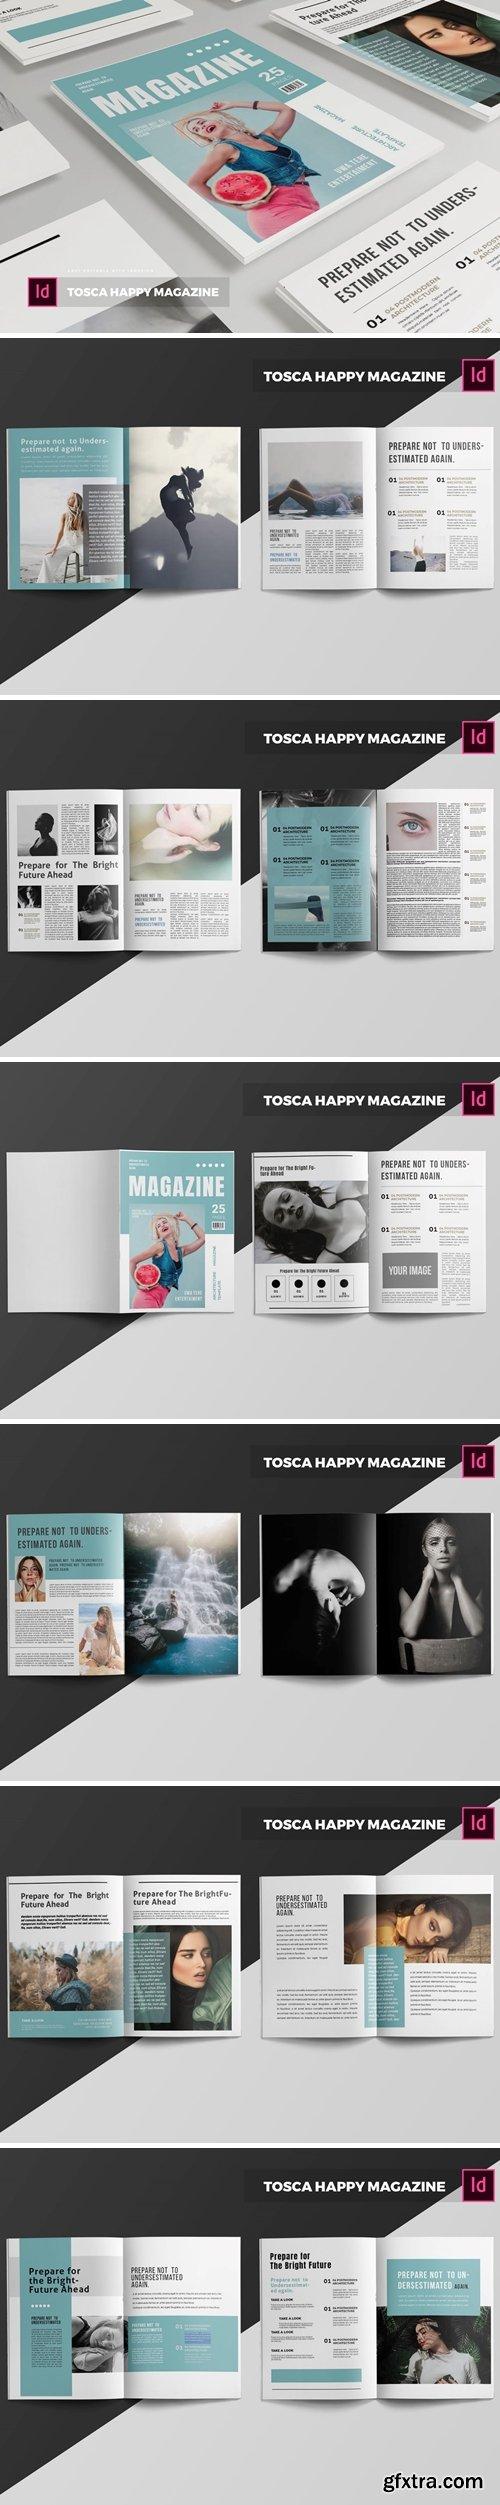 Tosca Happy   Magazine Template